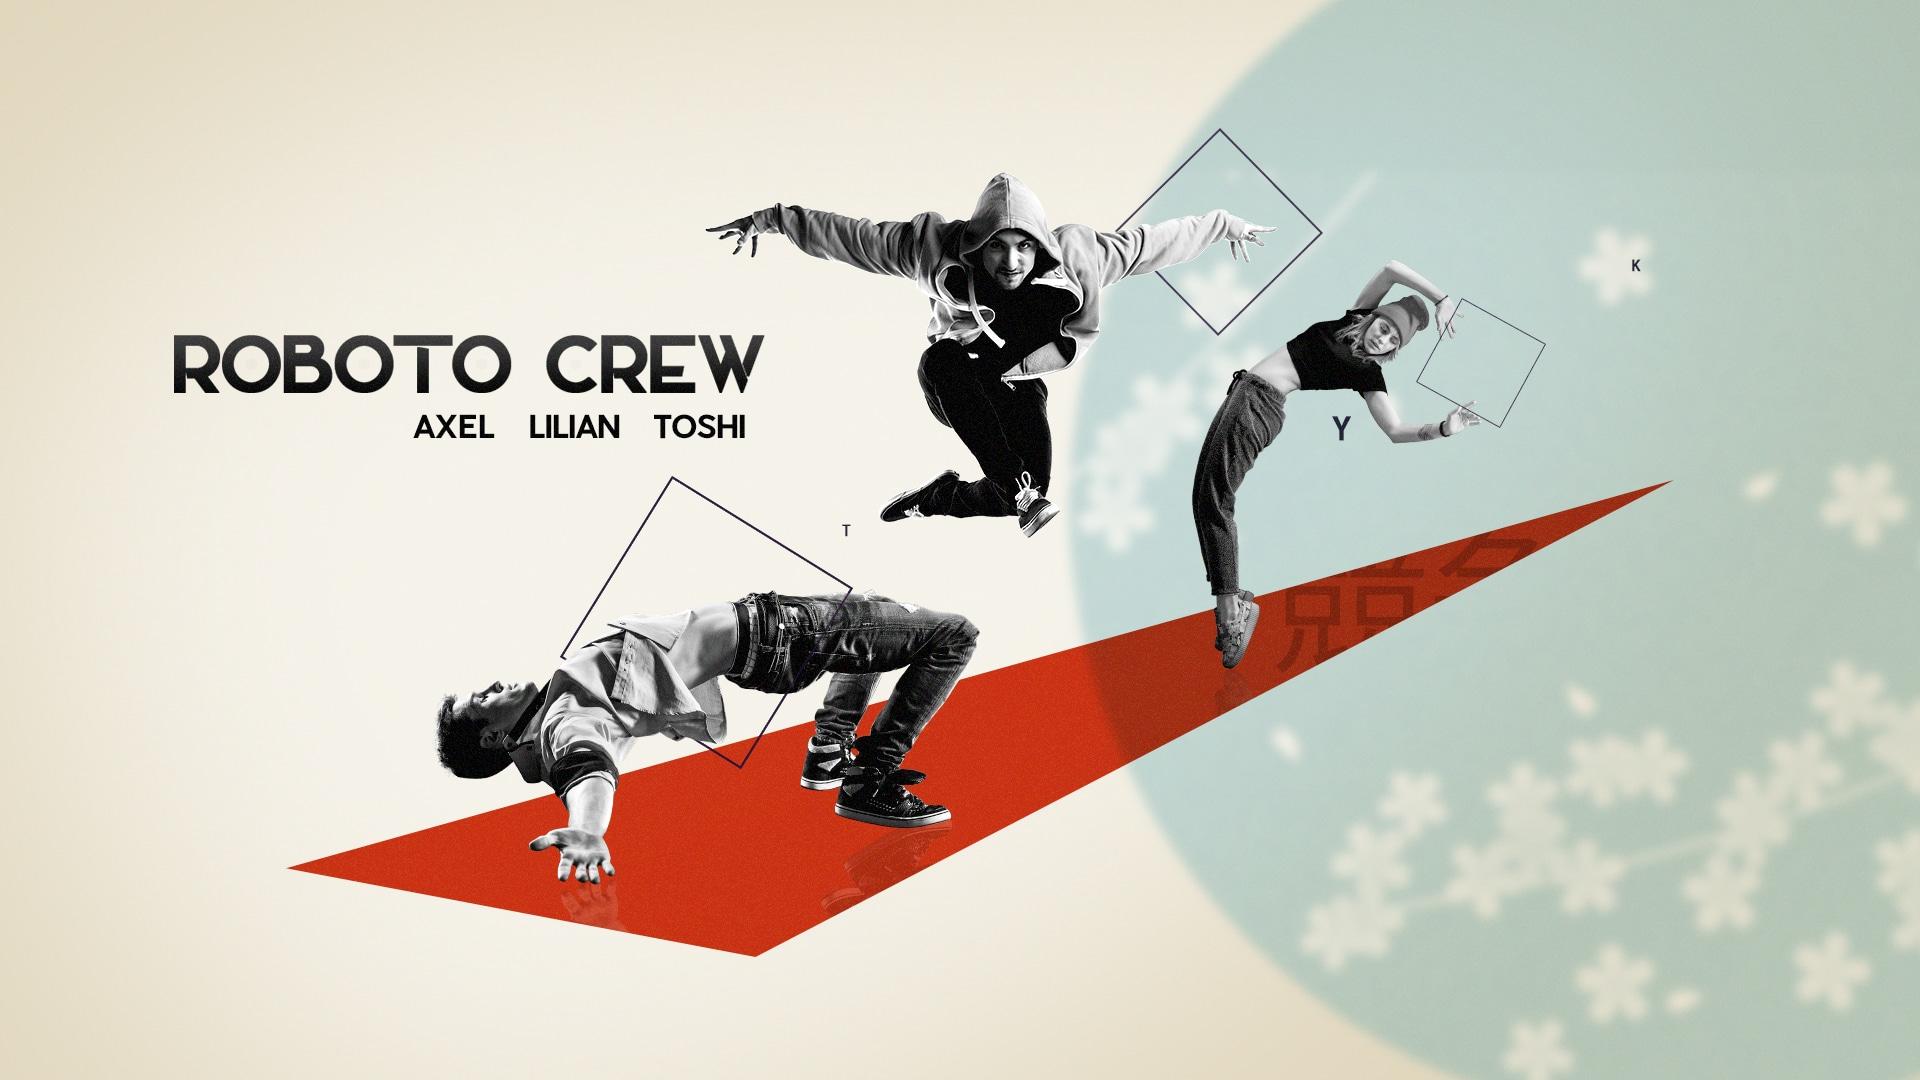 Troupe de danse nommé Roboto Crew, au style urbain dans un décor épuré de formes géométriques, de typo et de fleurs de cerisier